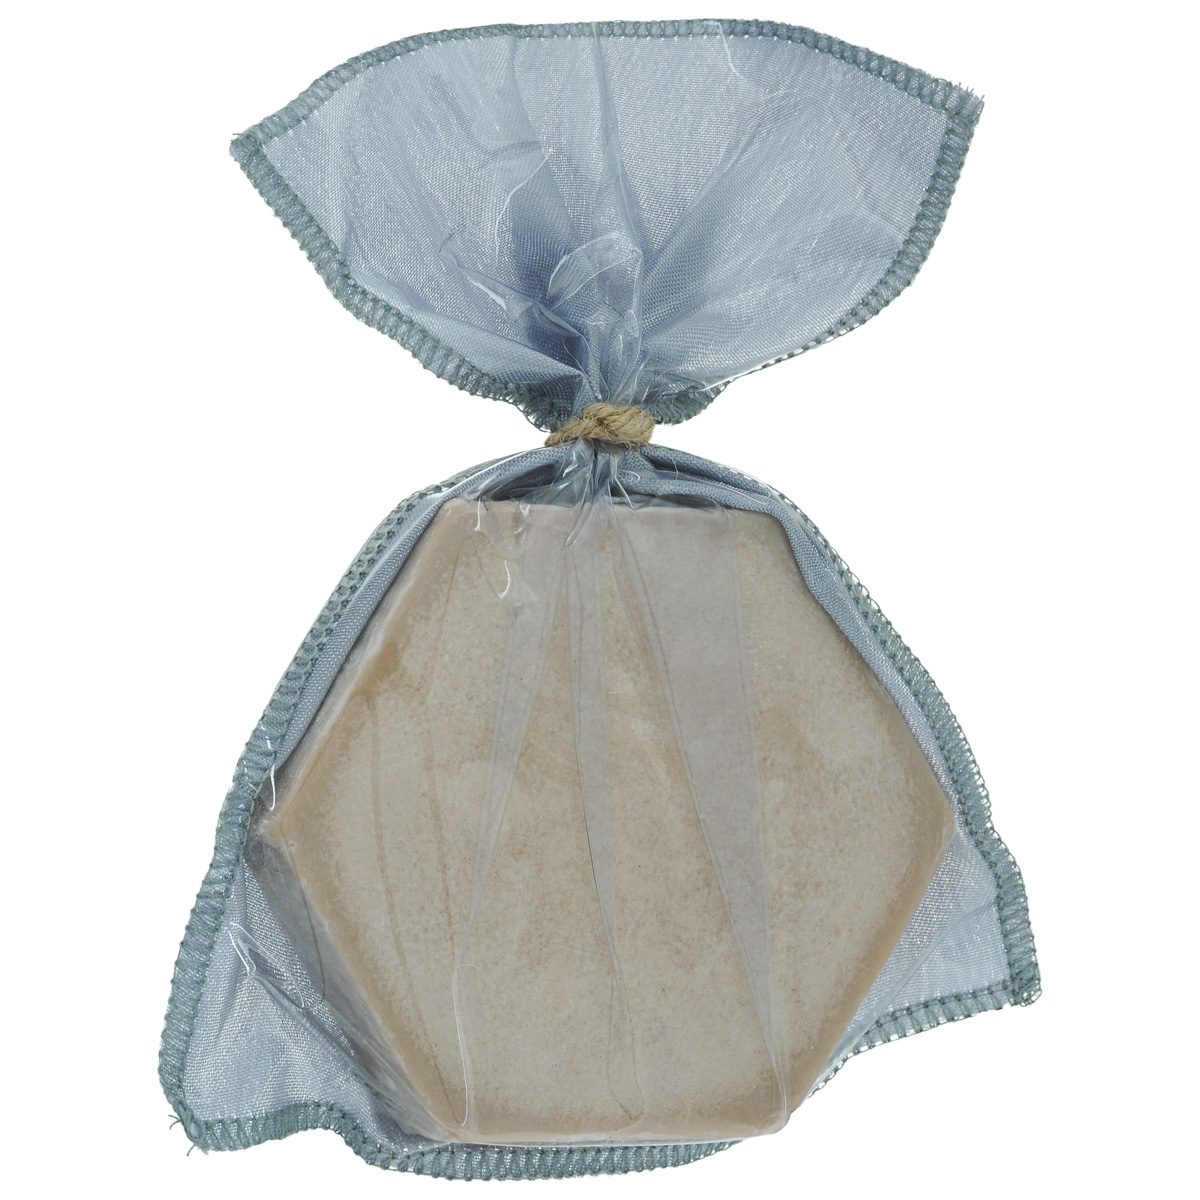 Зейтун Твёрдое массажное масло для тела №2 Шоколад, 100 гFS-00897Отлично увлажняет и питает чувствительную кожу, смягчает её и насыщает витаминами. Благодаря маслу корицы в составе обладает антиоксидантными свойствами и стимулирует кровообращение. Защищает кожу в течение дня. Пахнет шоколадкой :) Равноценная натуральная альтернатива крему или молочку для тела. Быстро впитывается и не оставляет следов на одежде.